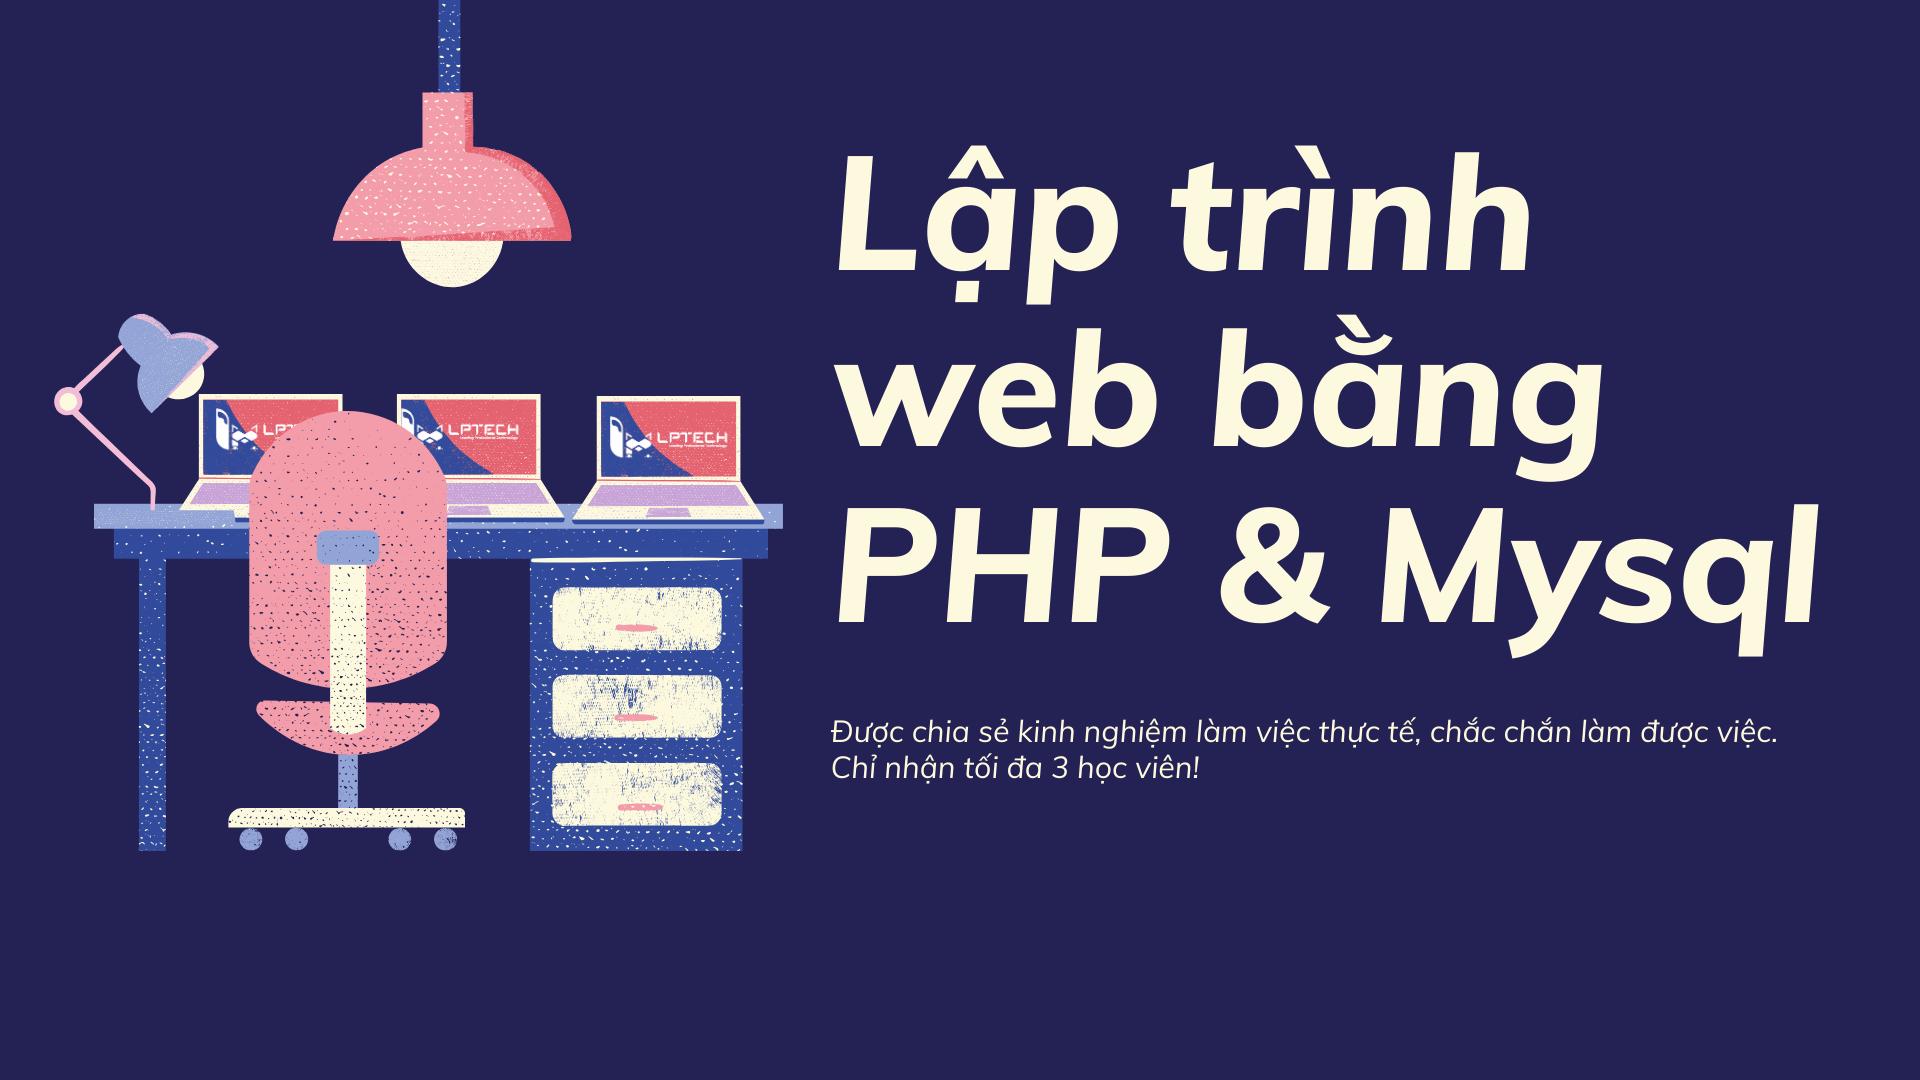 Khóa học lập tình web: Lập trình PHP thực chiến cùng LPTech